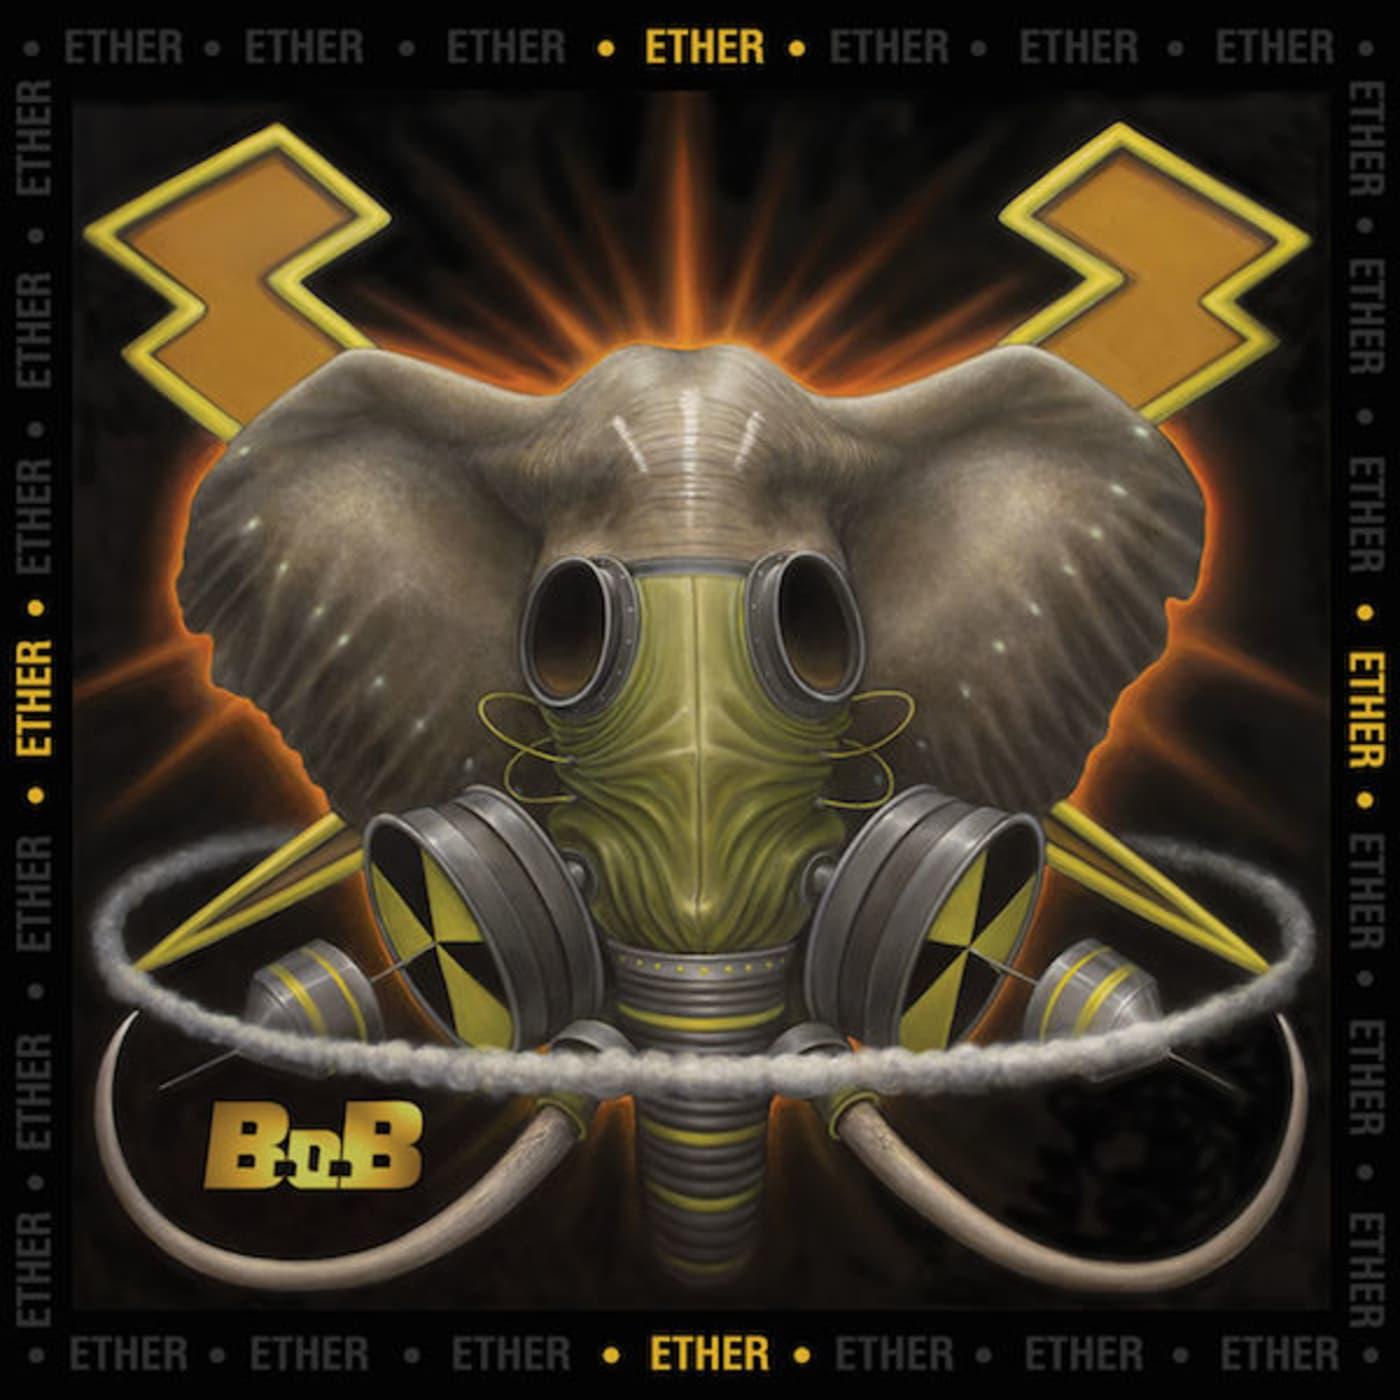 B.o.B. 'Ether'